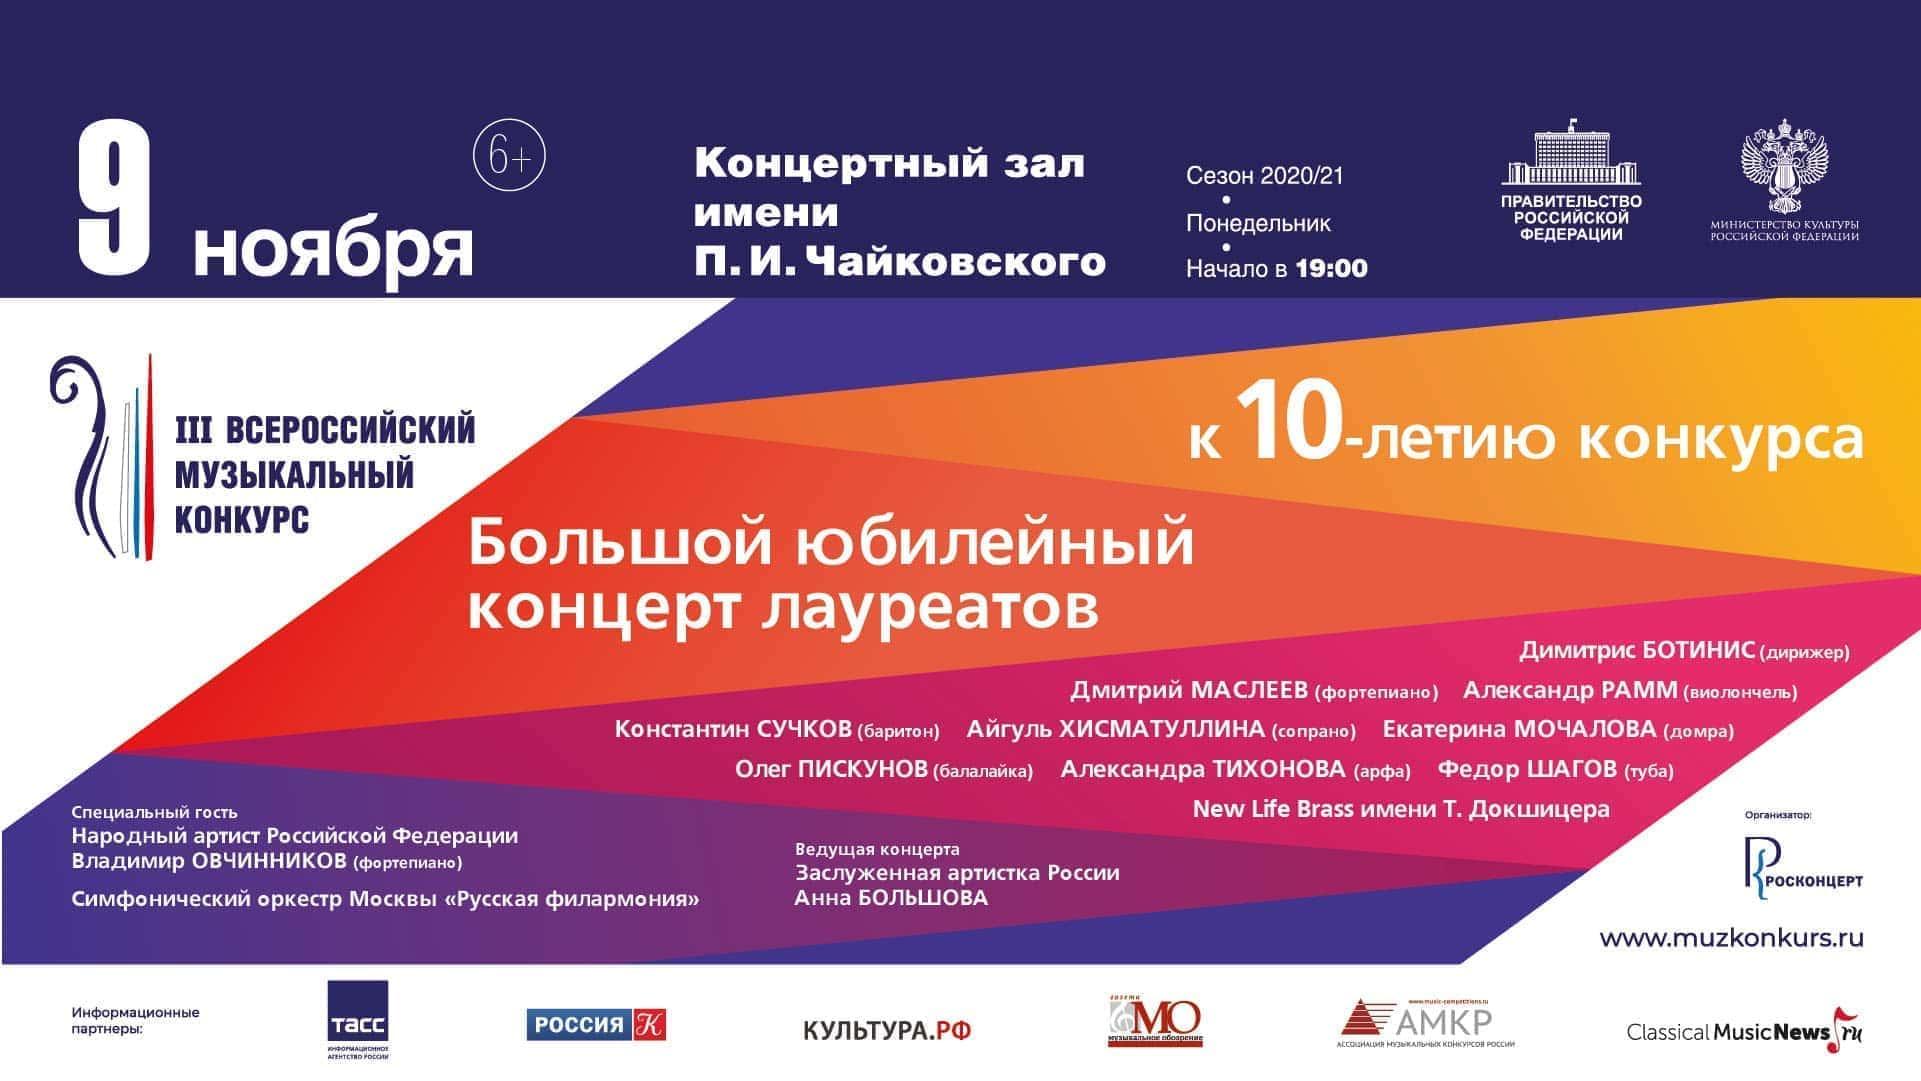 10-летие Всероссийского музыкального конкурса отметят концертом лауреатов